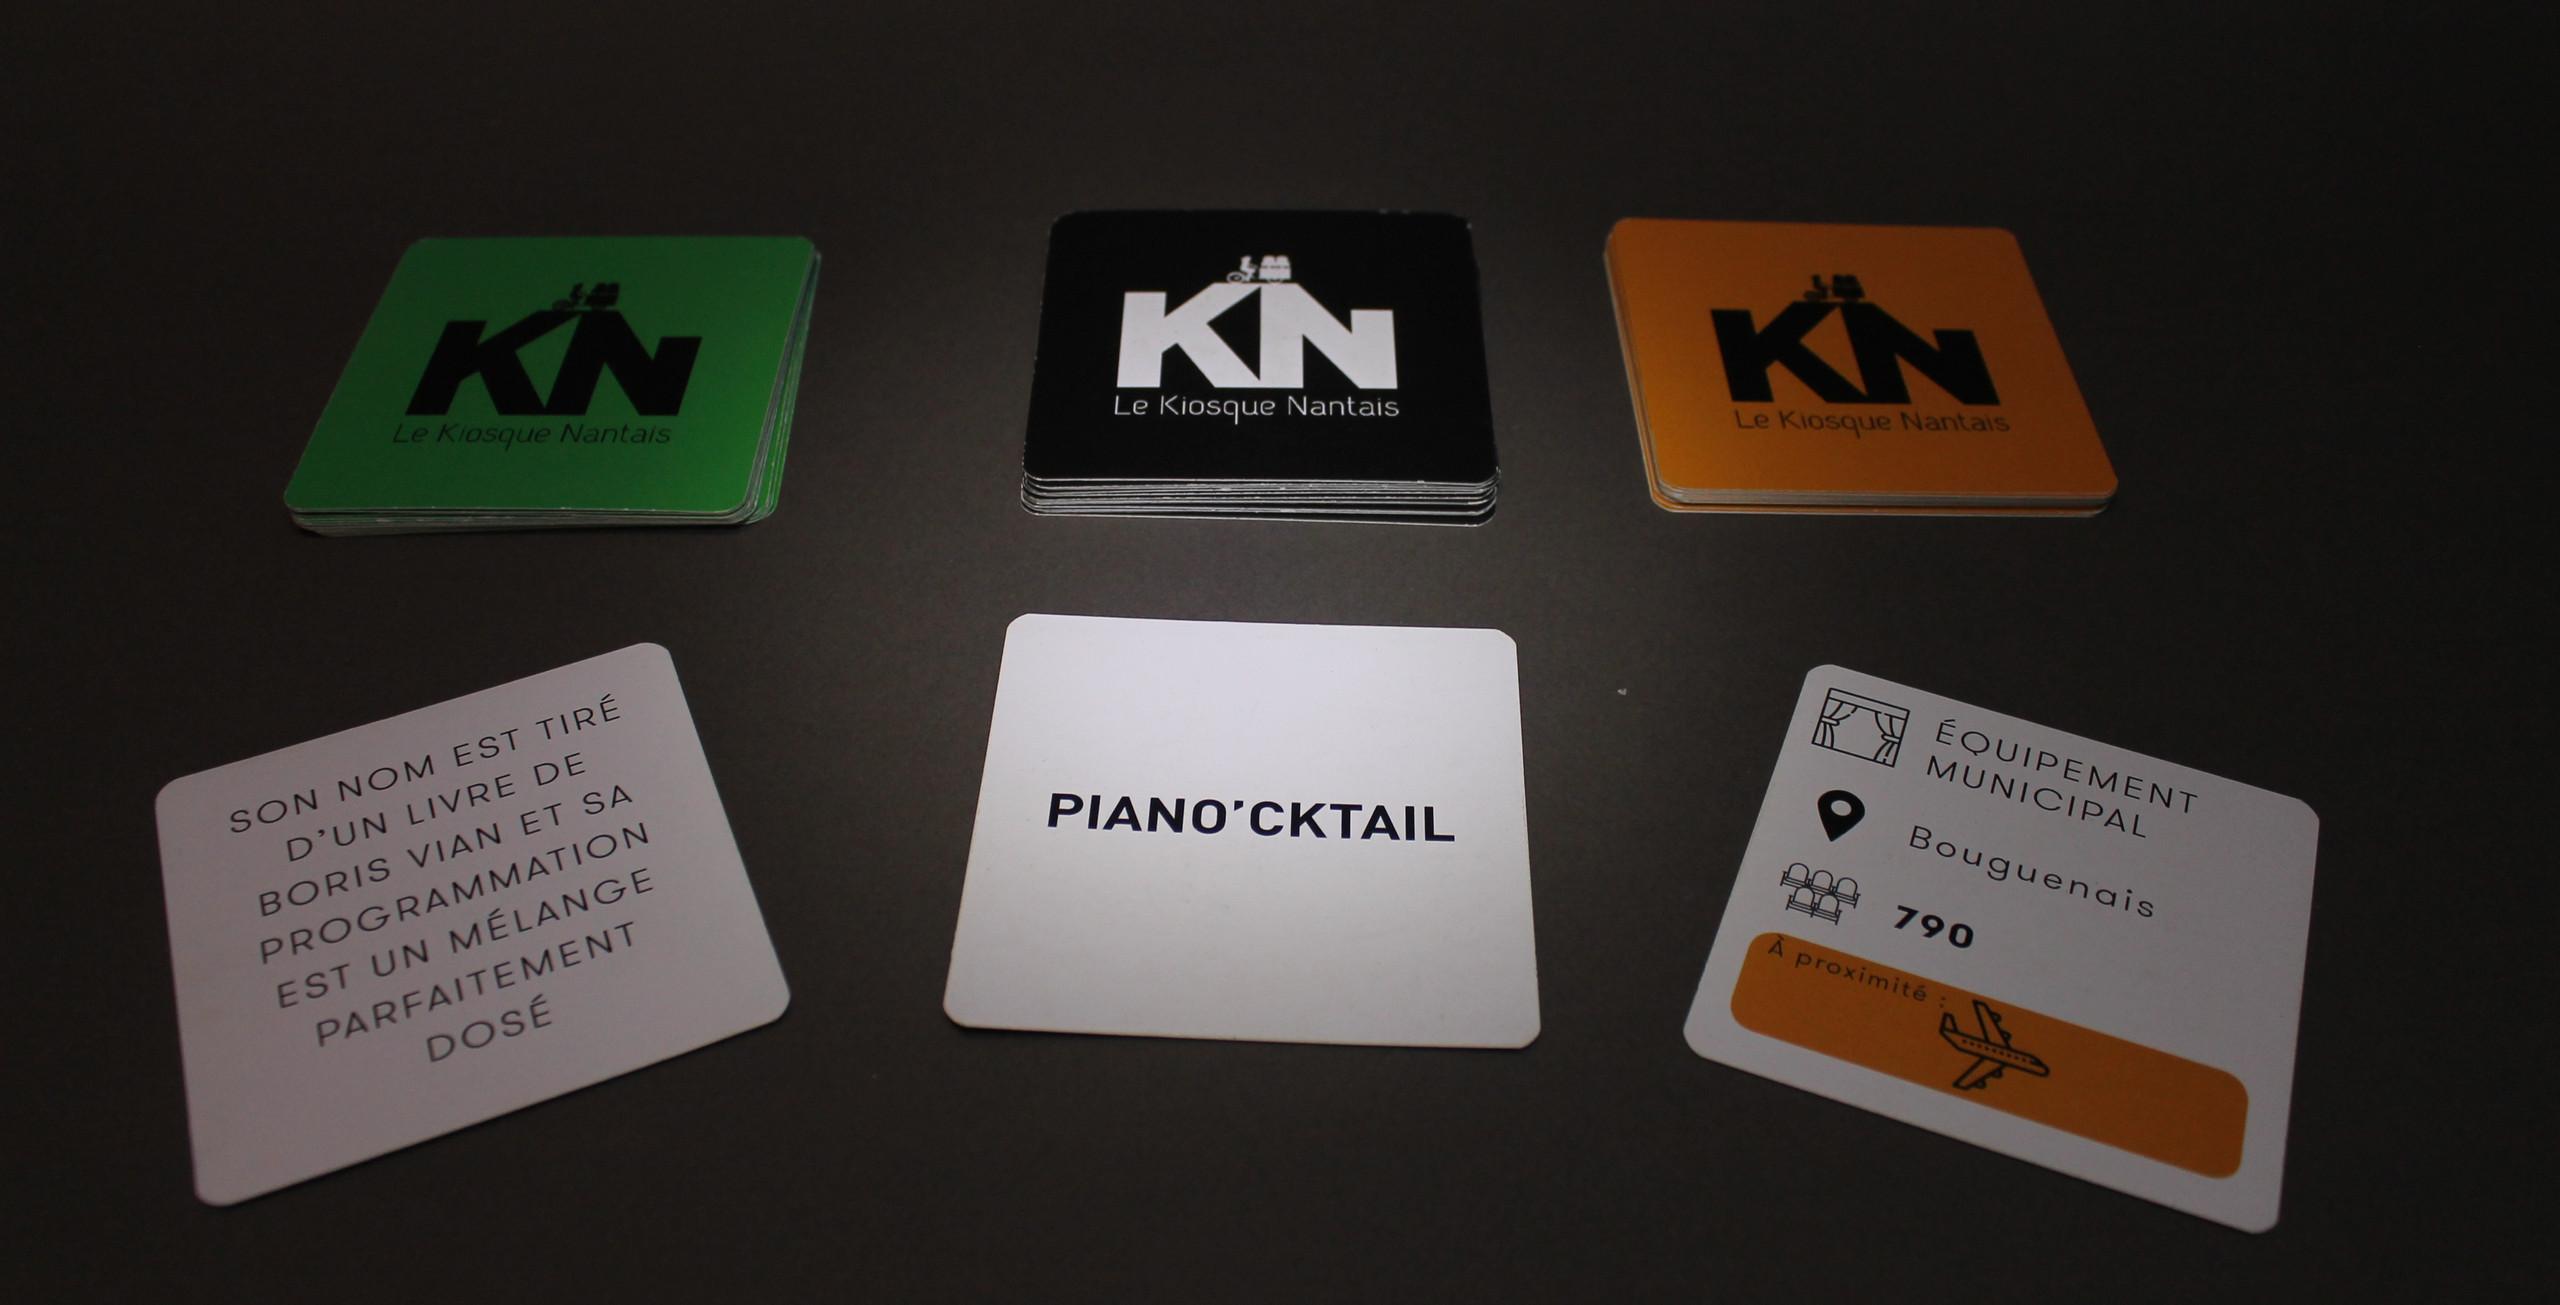 Qui-est-ce pianocktail salle spectacles nantes métropole